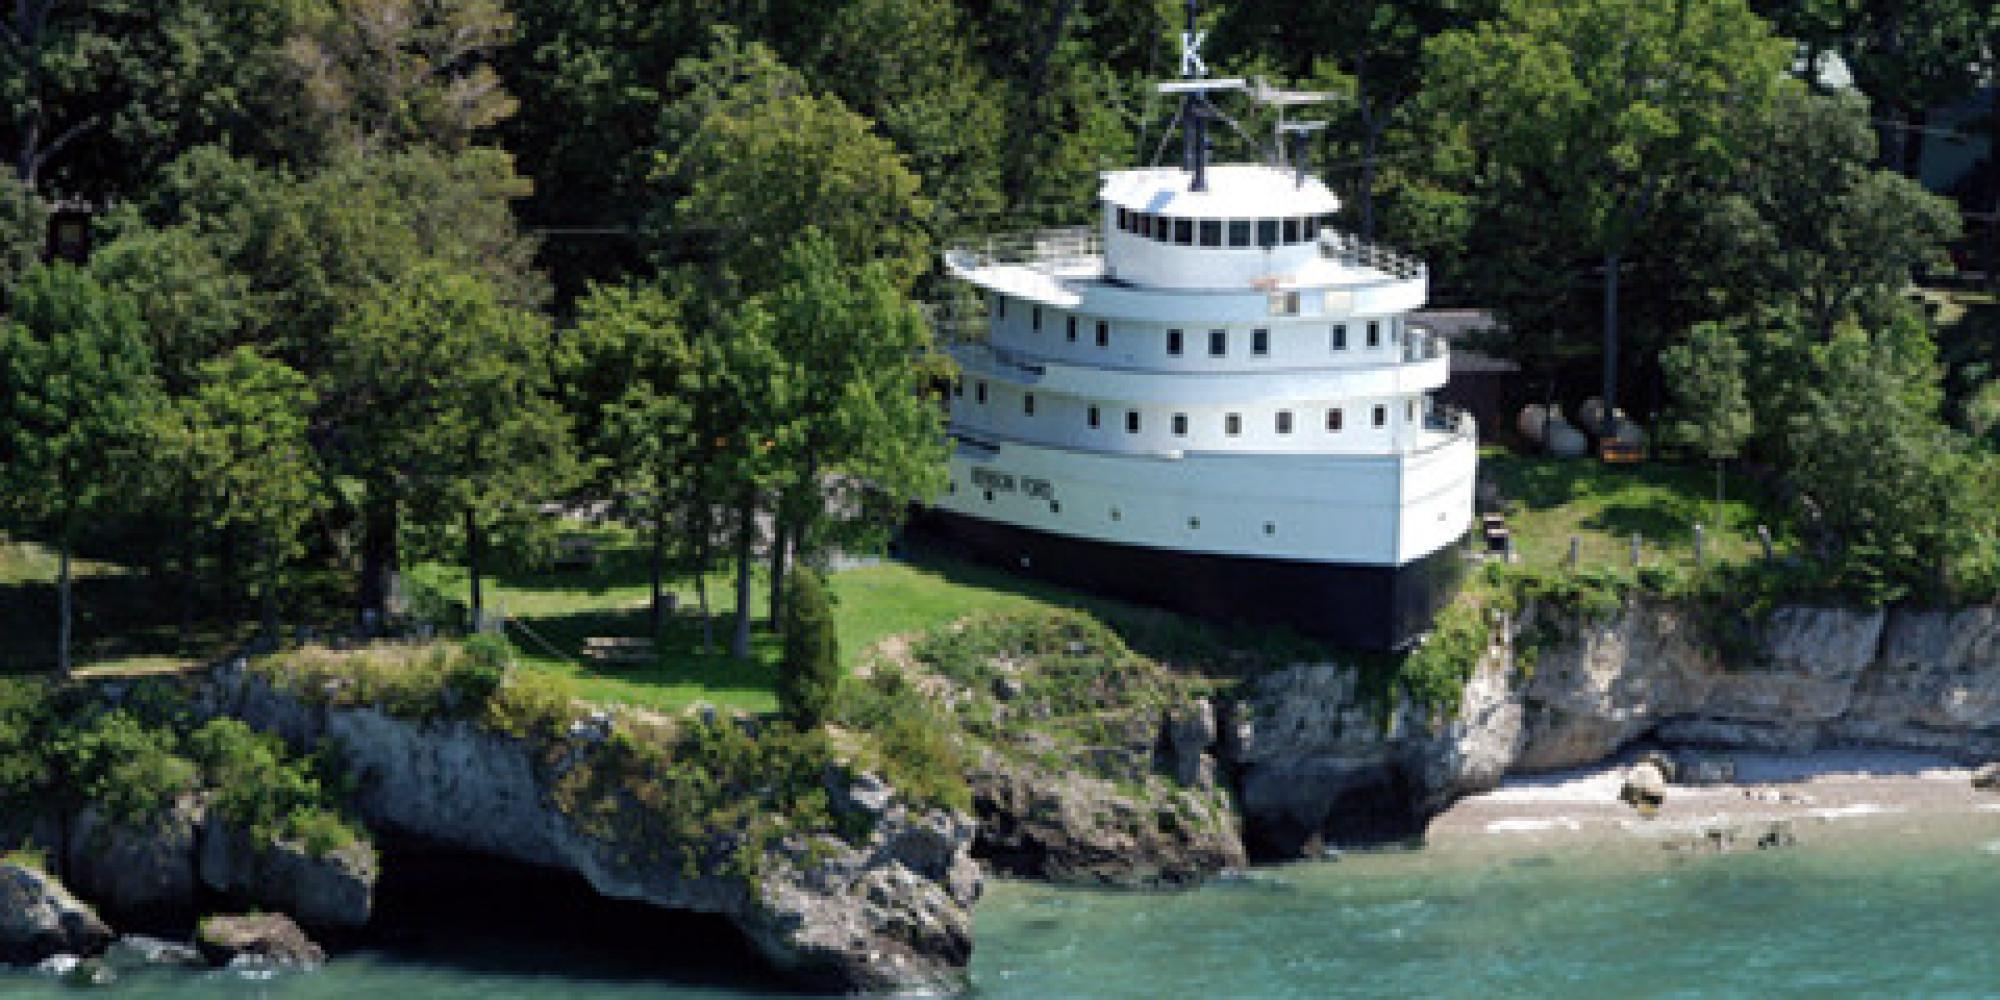 Benson Ford House Eine Familie Hat Sich Aus Diesem Alten Schiff Ein Haus Gebaut So